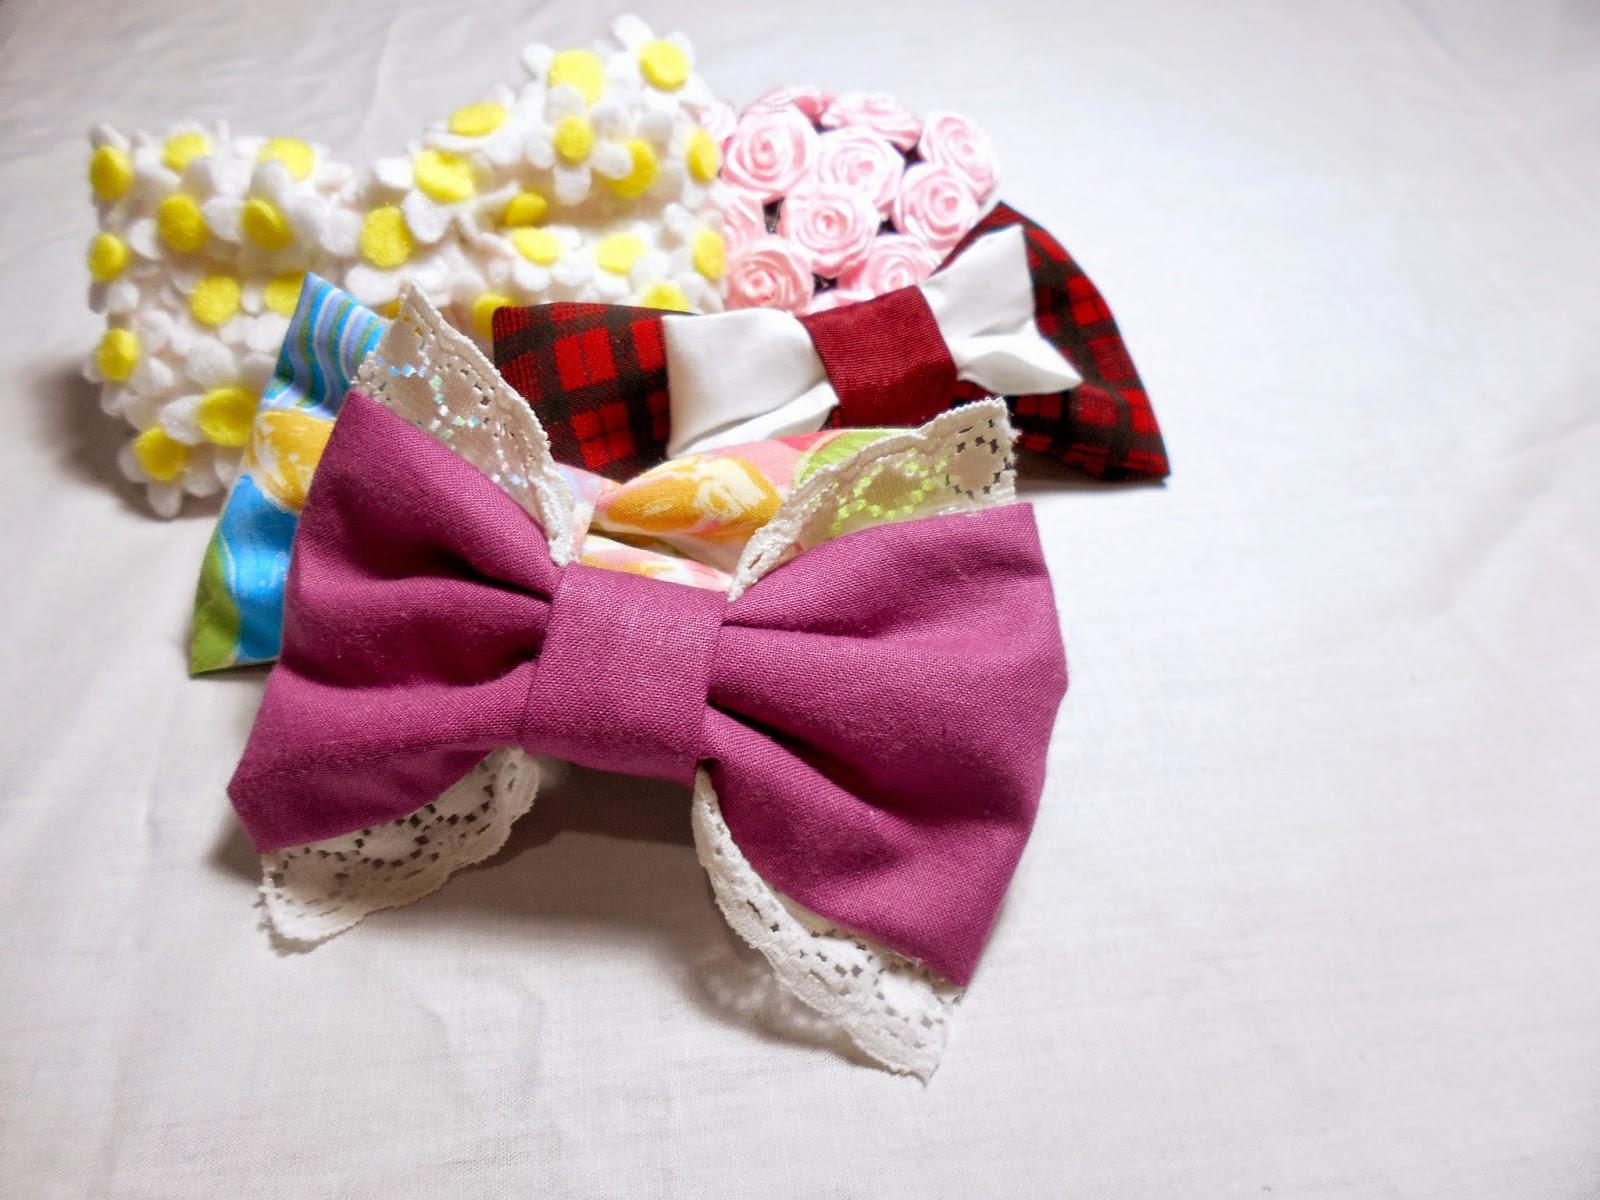 DIY hair bows - 5 ideas!